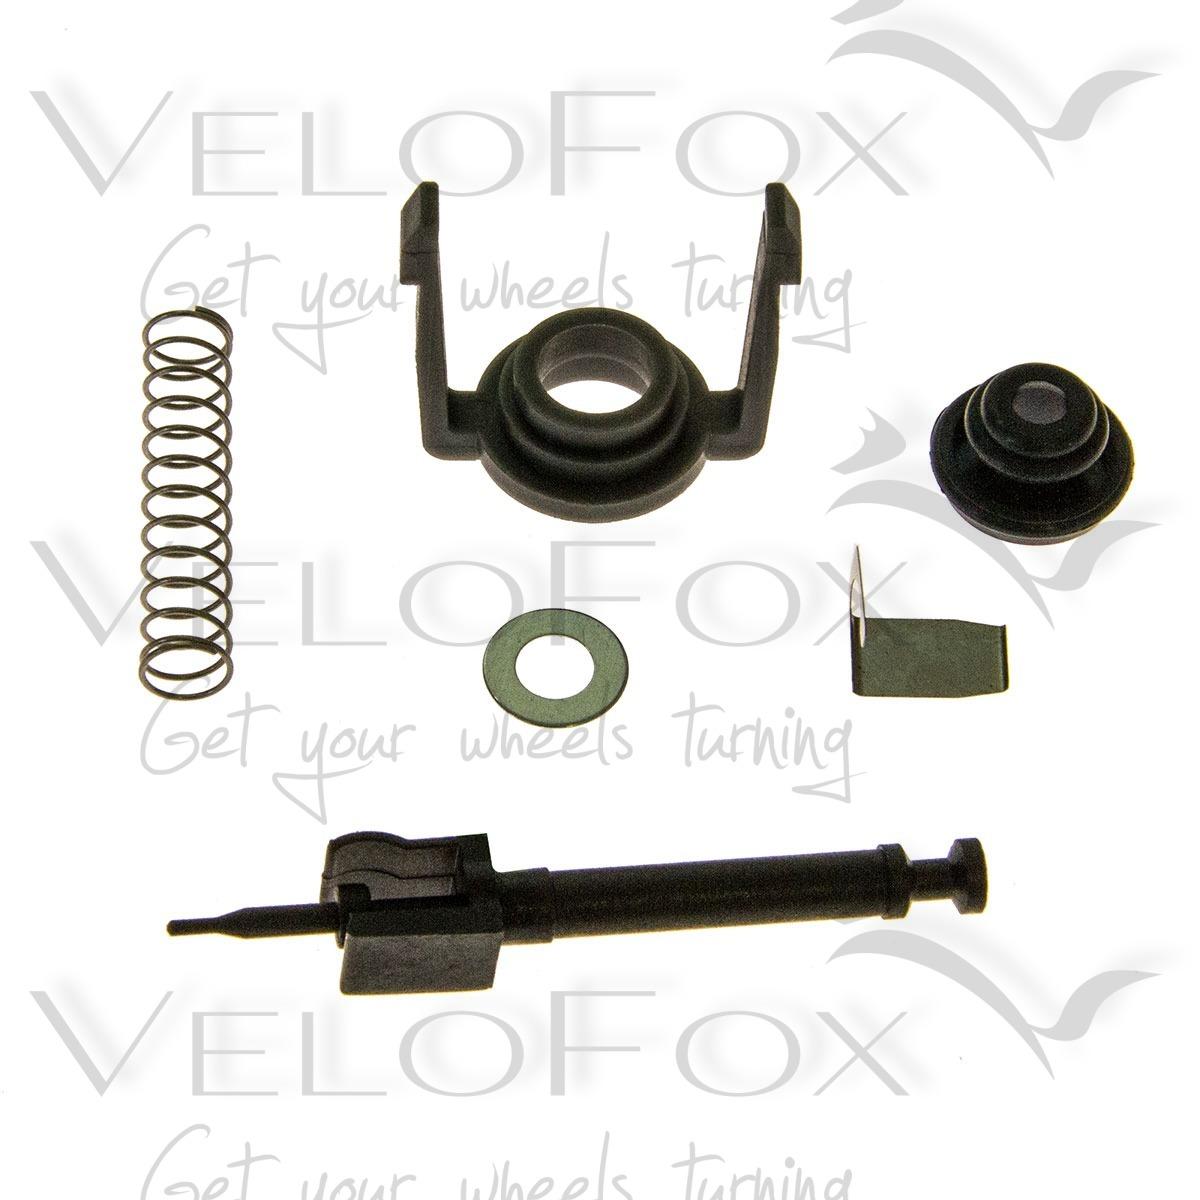 Carb Carburettor Repair Kit For Yamaha YZF 750 R 1994